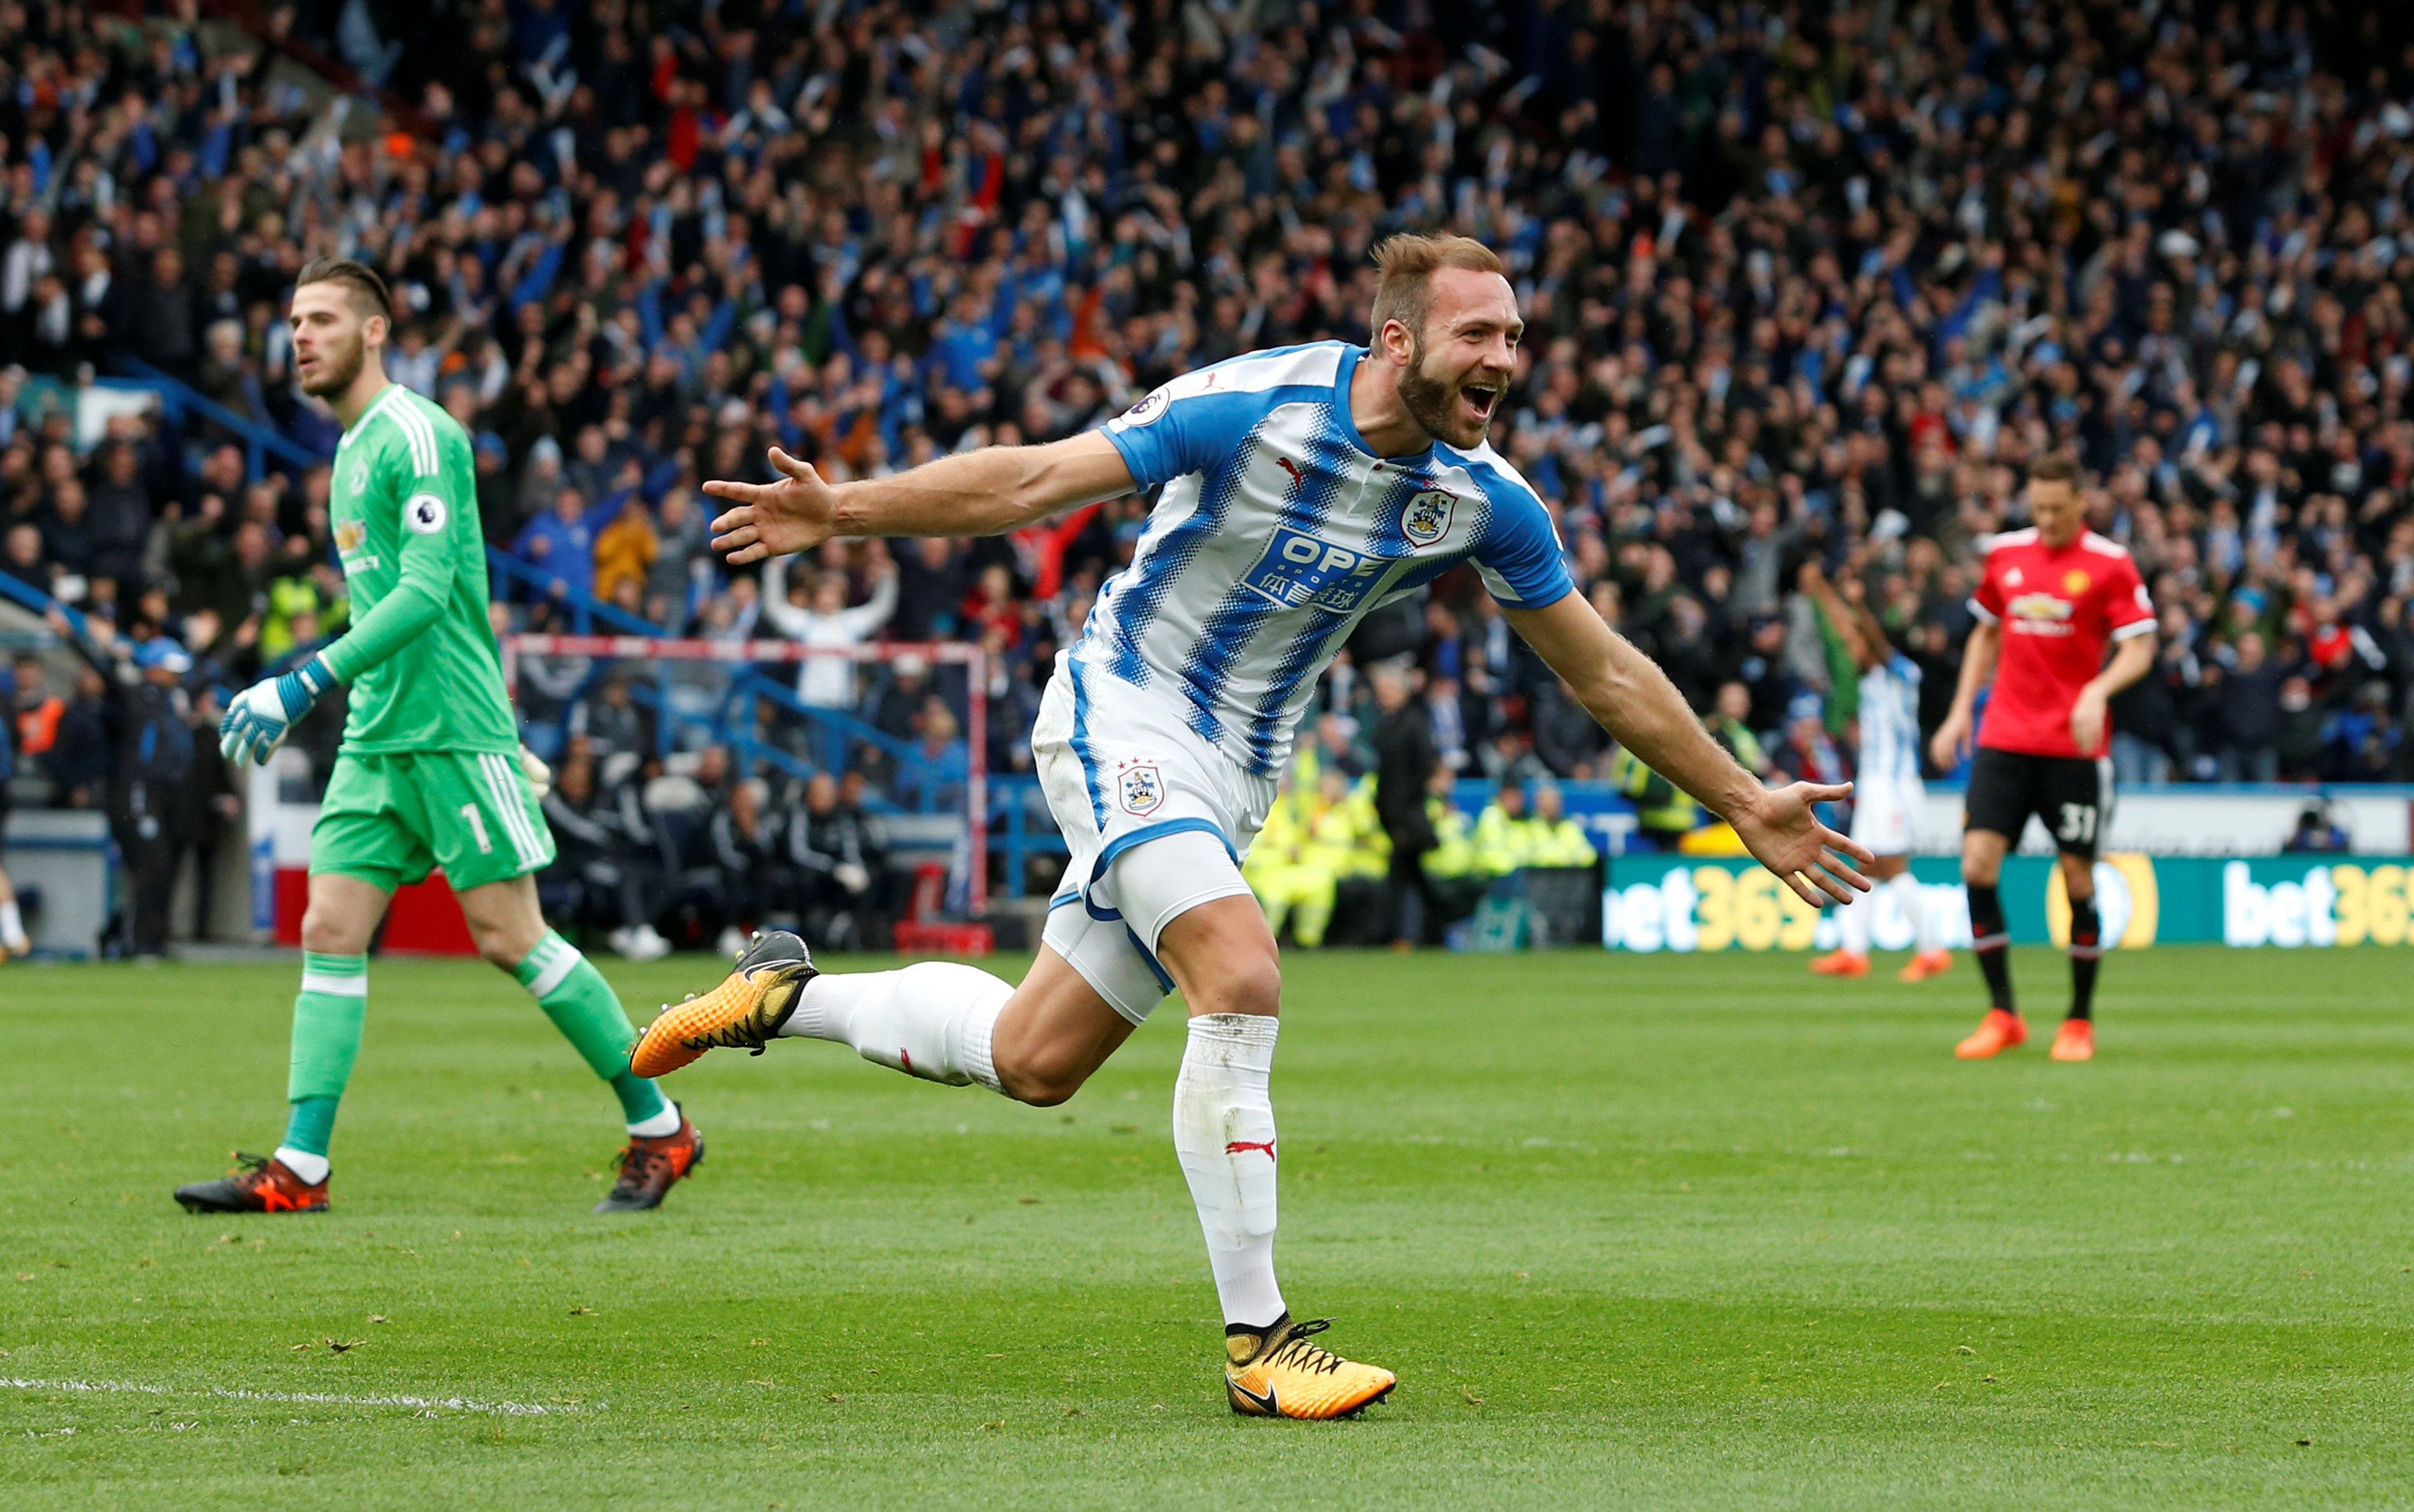 Laurent Depoitre ăn mừng bàn nâng tỉ số lên 2-0 cho Huddersfield. Ảnh: REUTERS